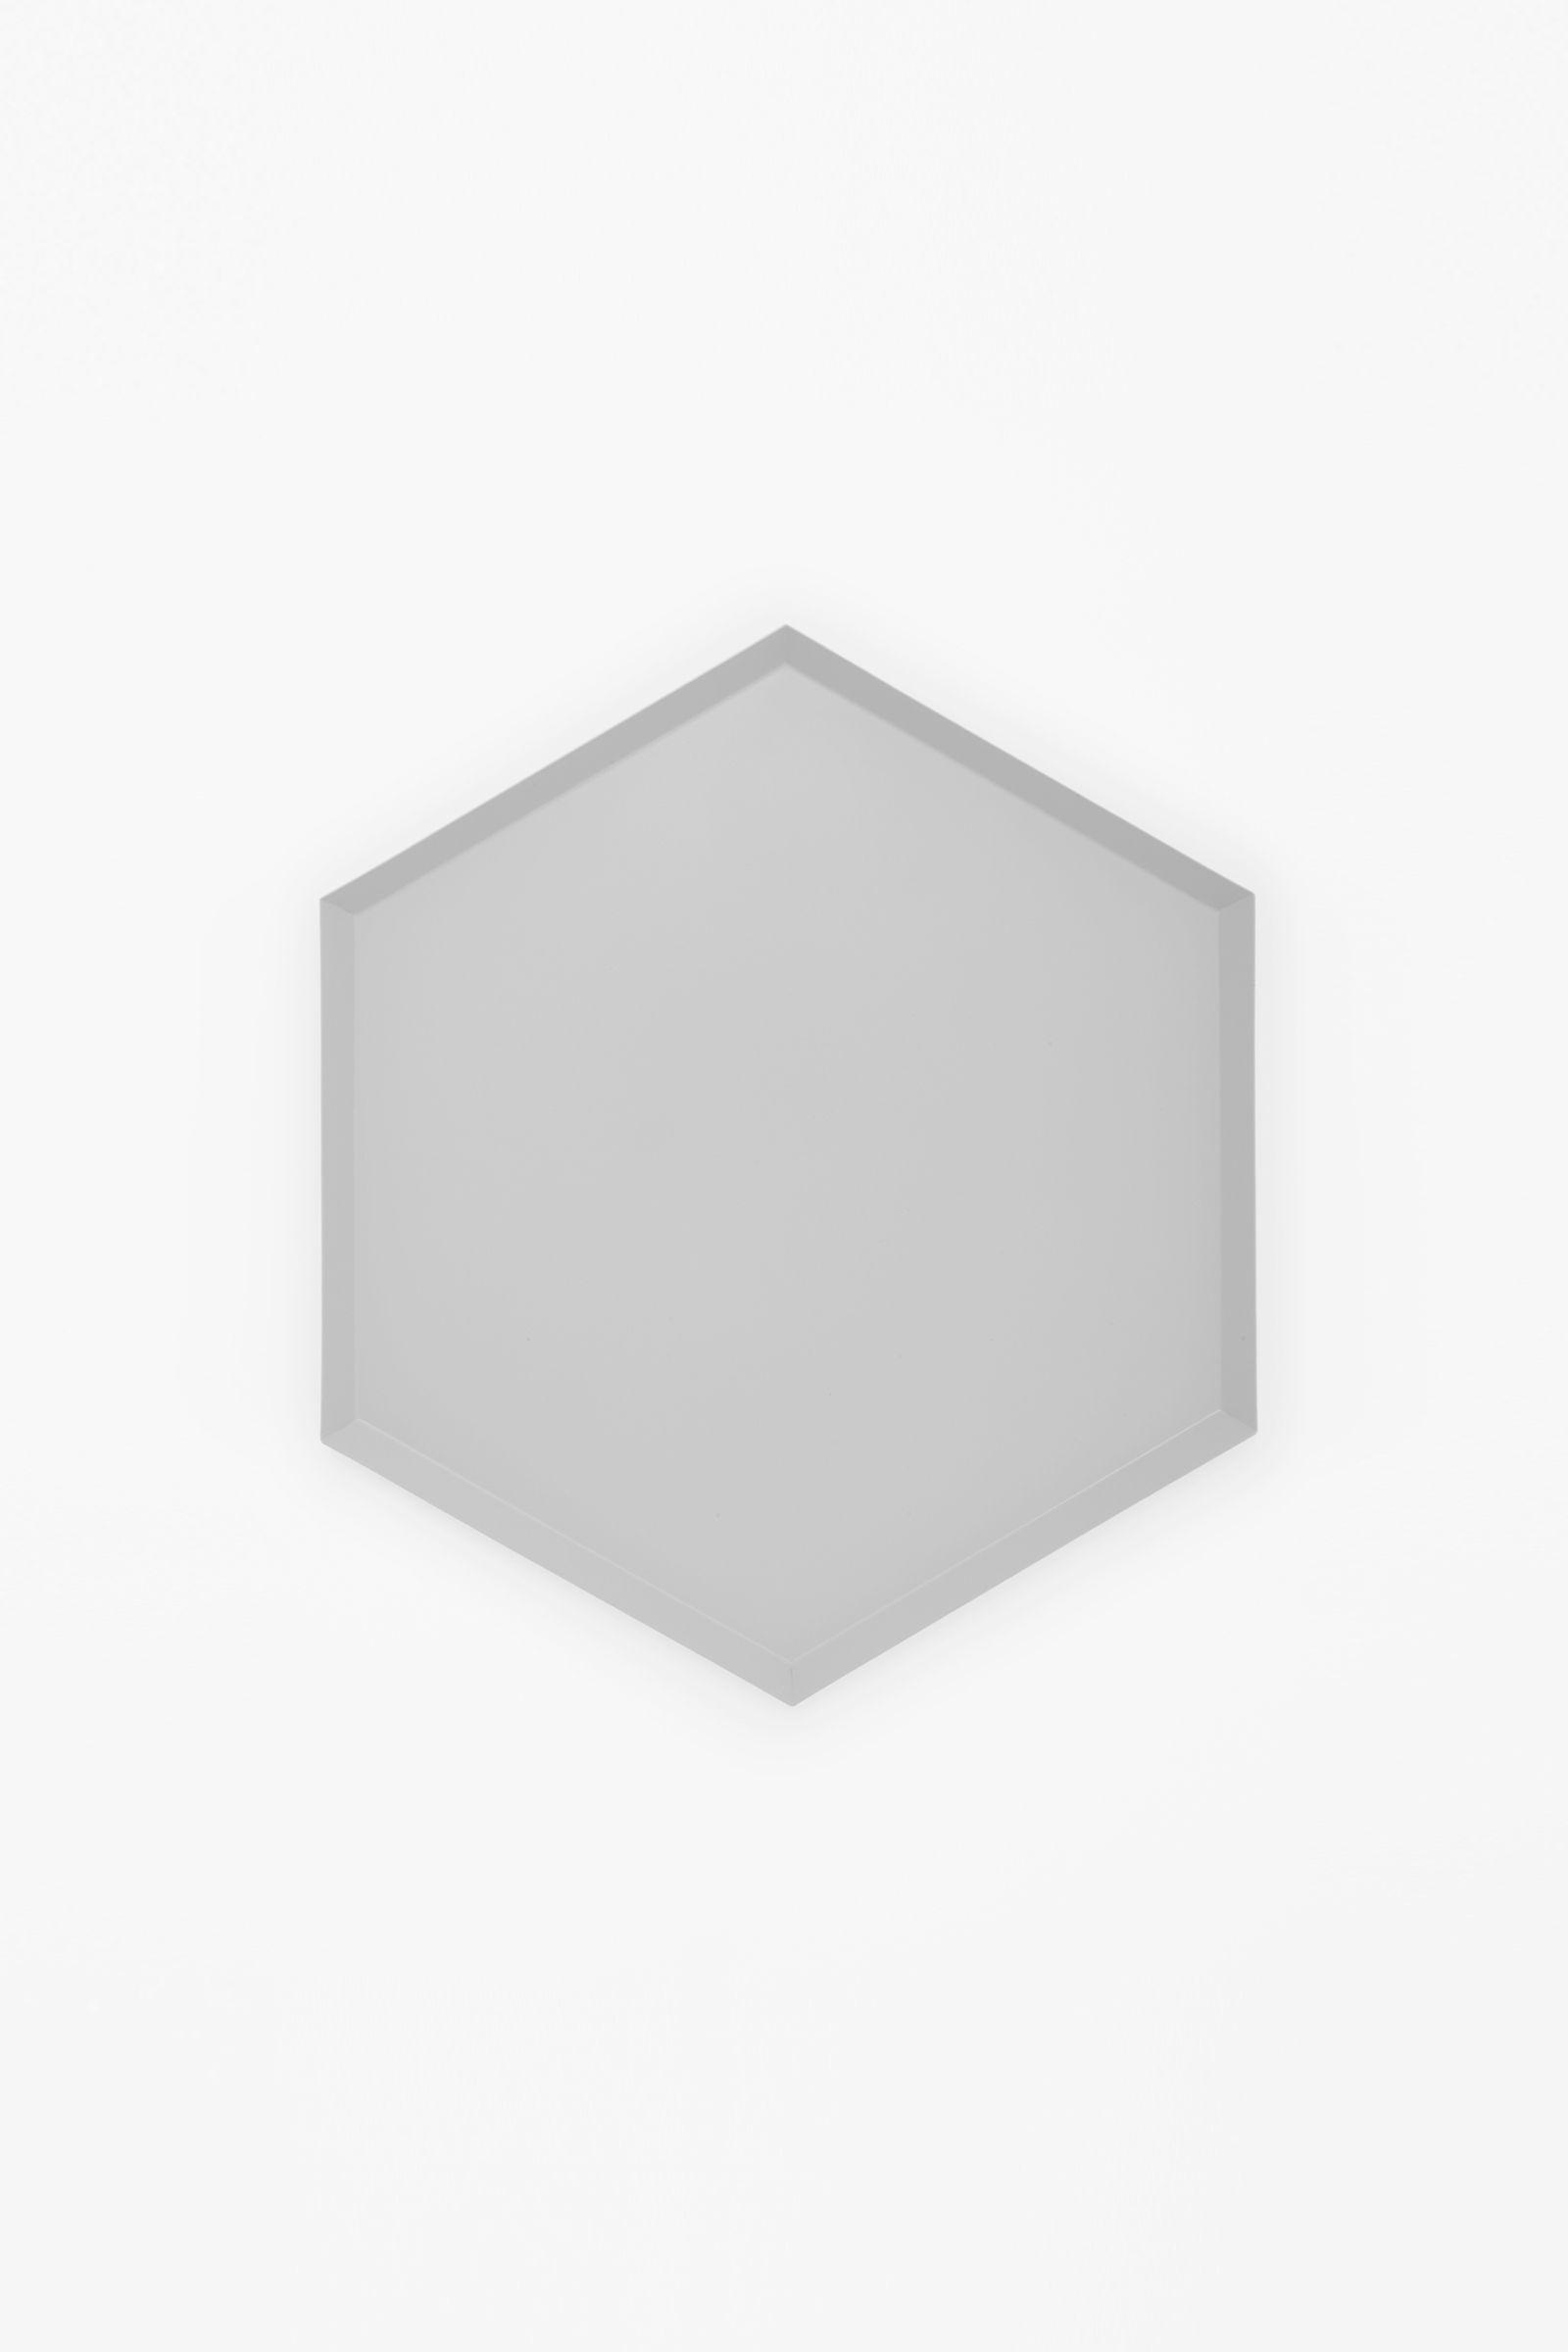 COS x HAY | HAY kaleido x-large metal tray